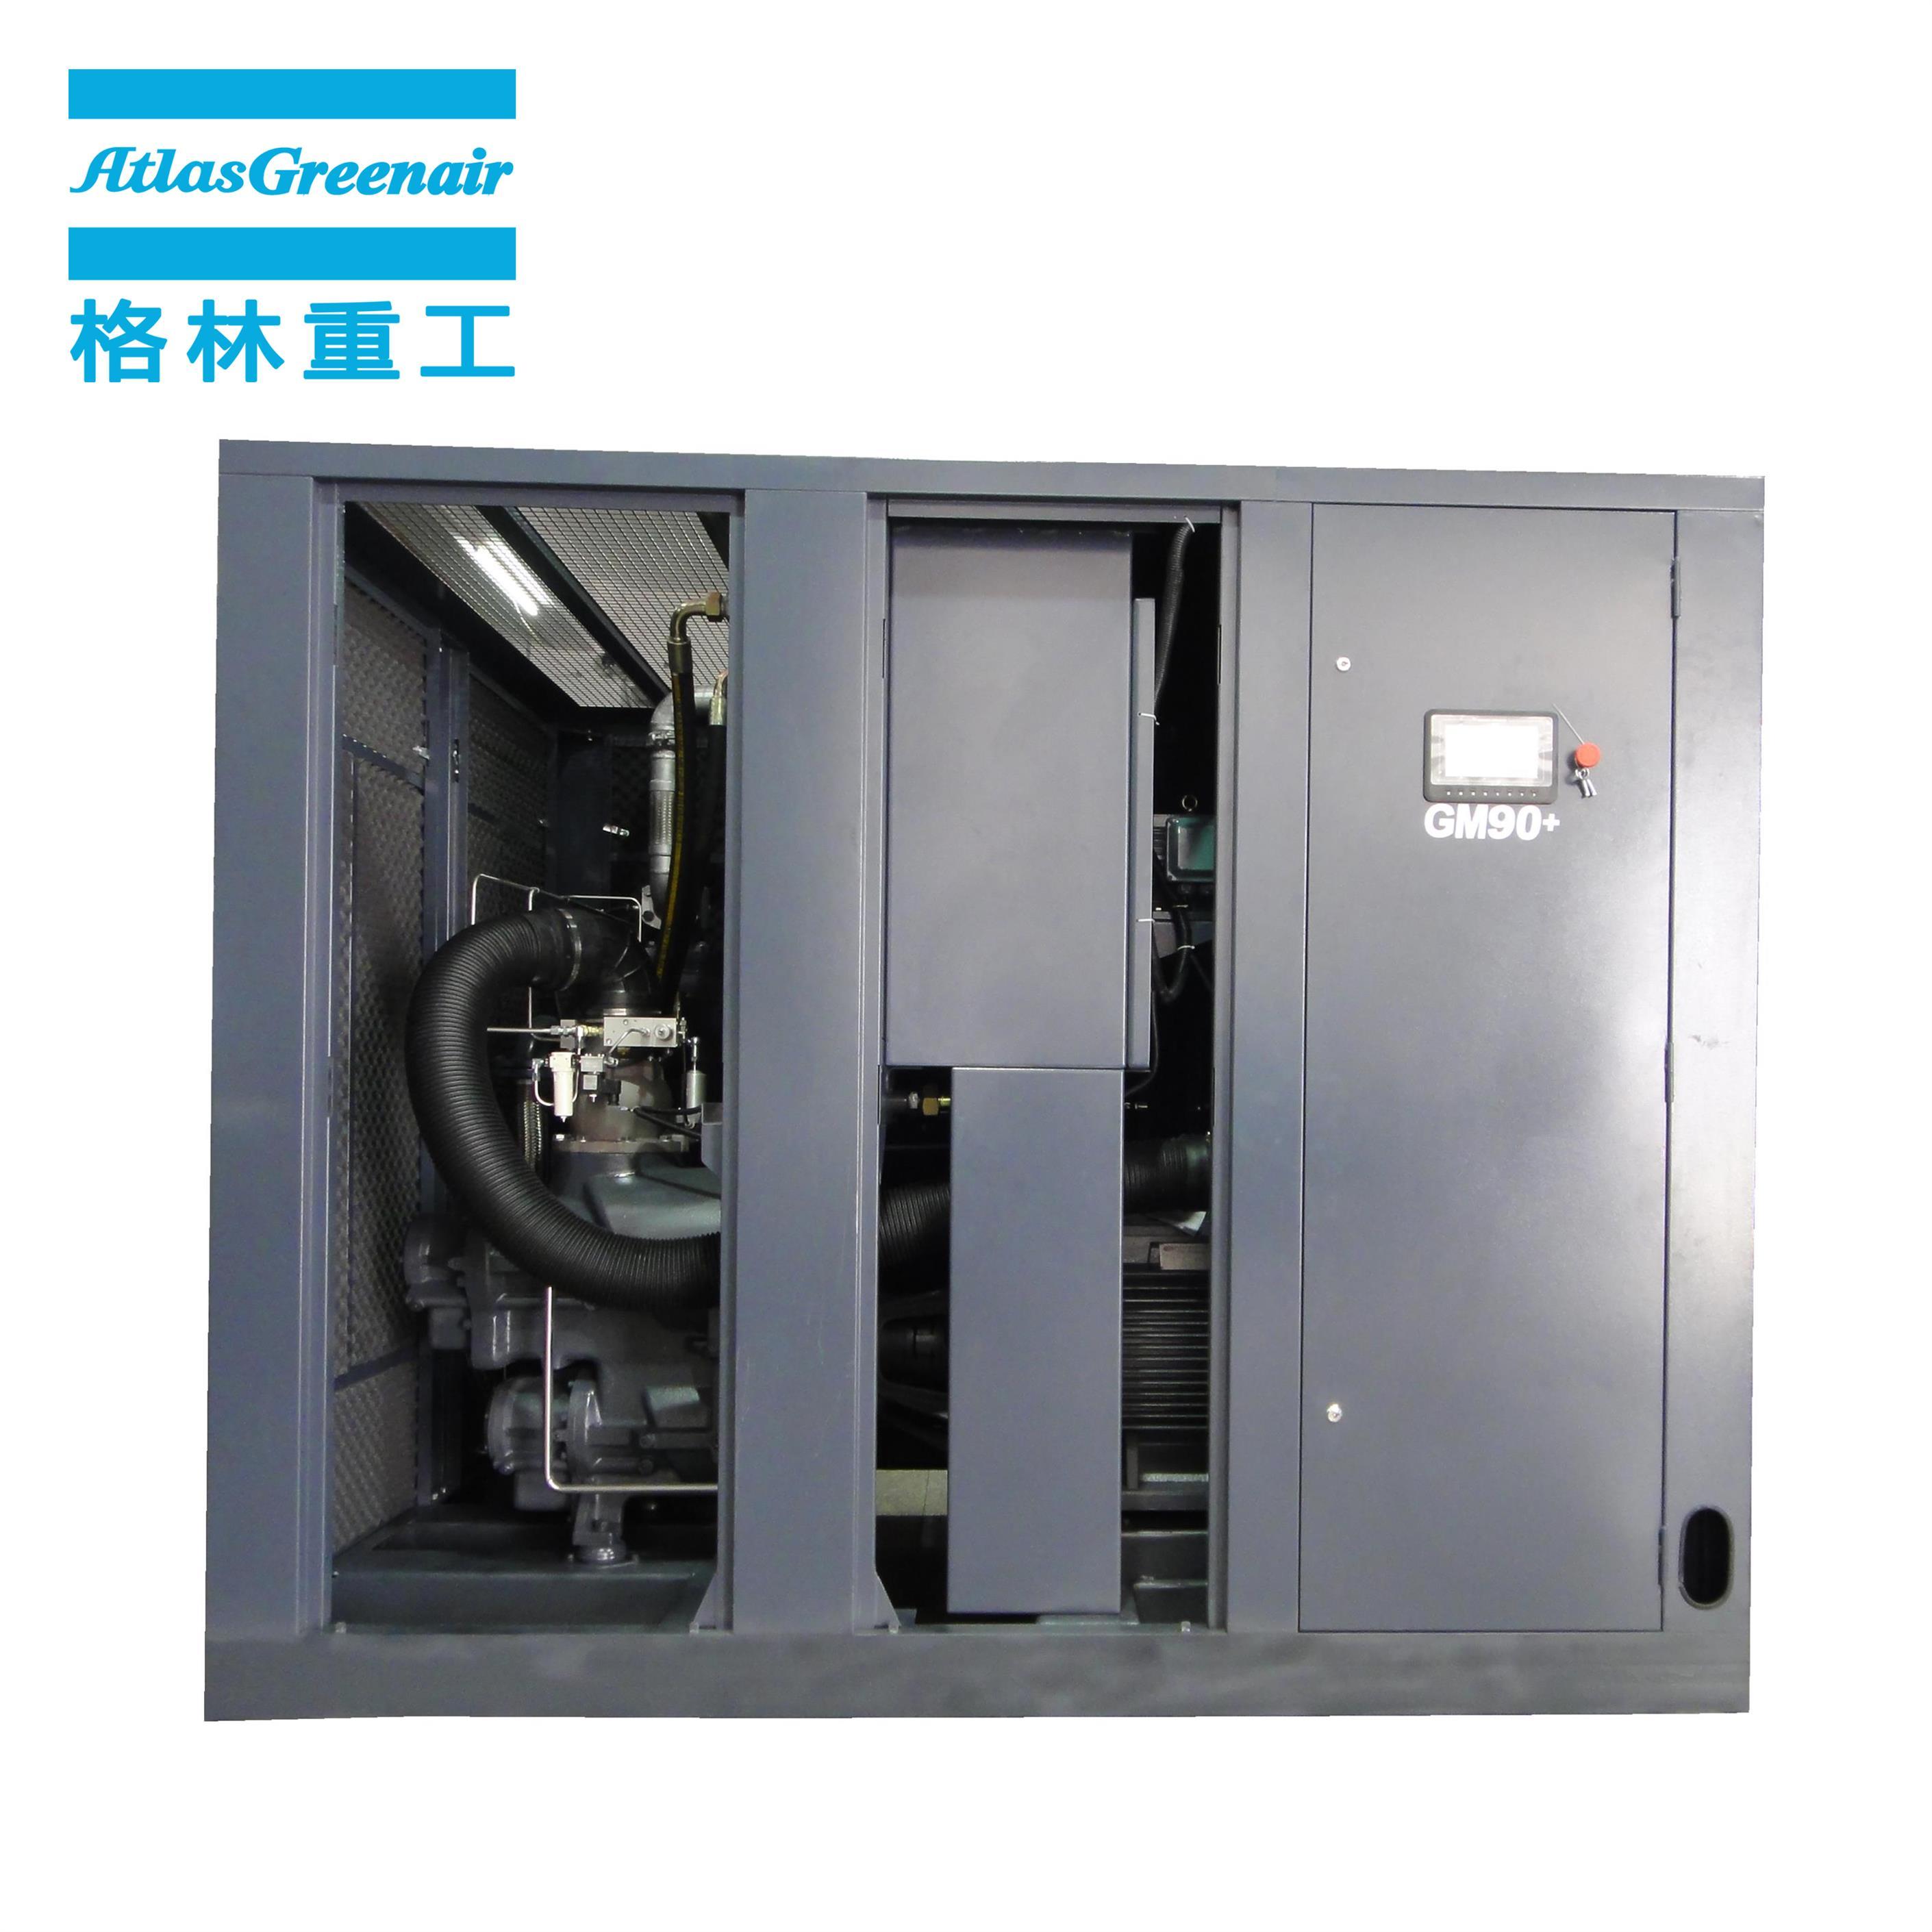 Atlas Greenair Screw Air Compressor high quality vsd compressor atlas copco company for tropical area-2